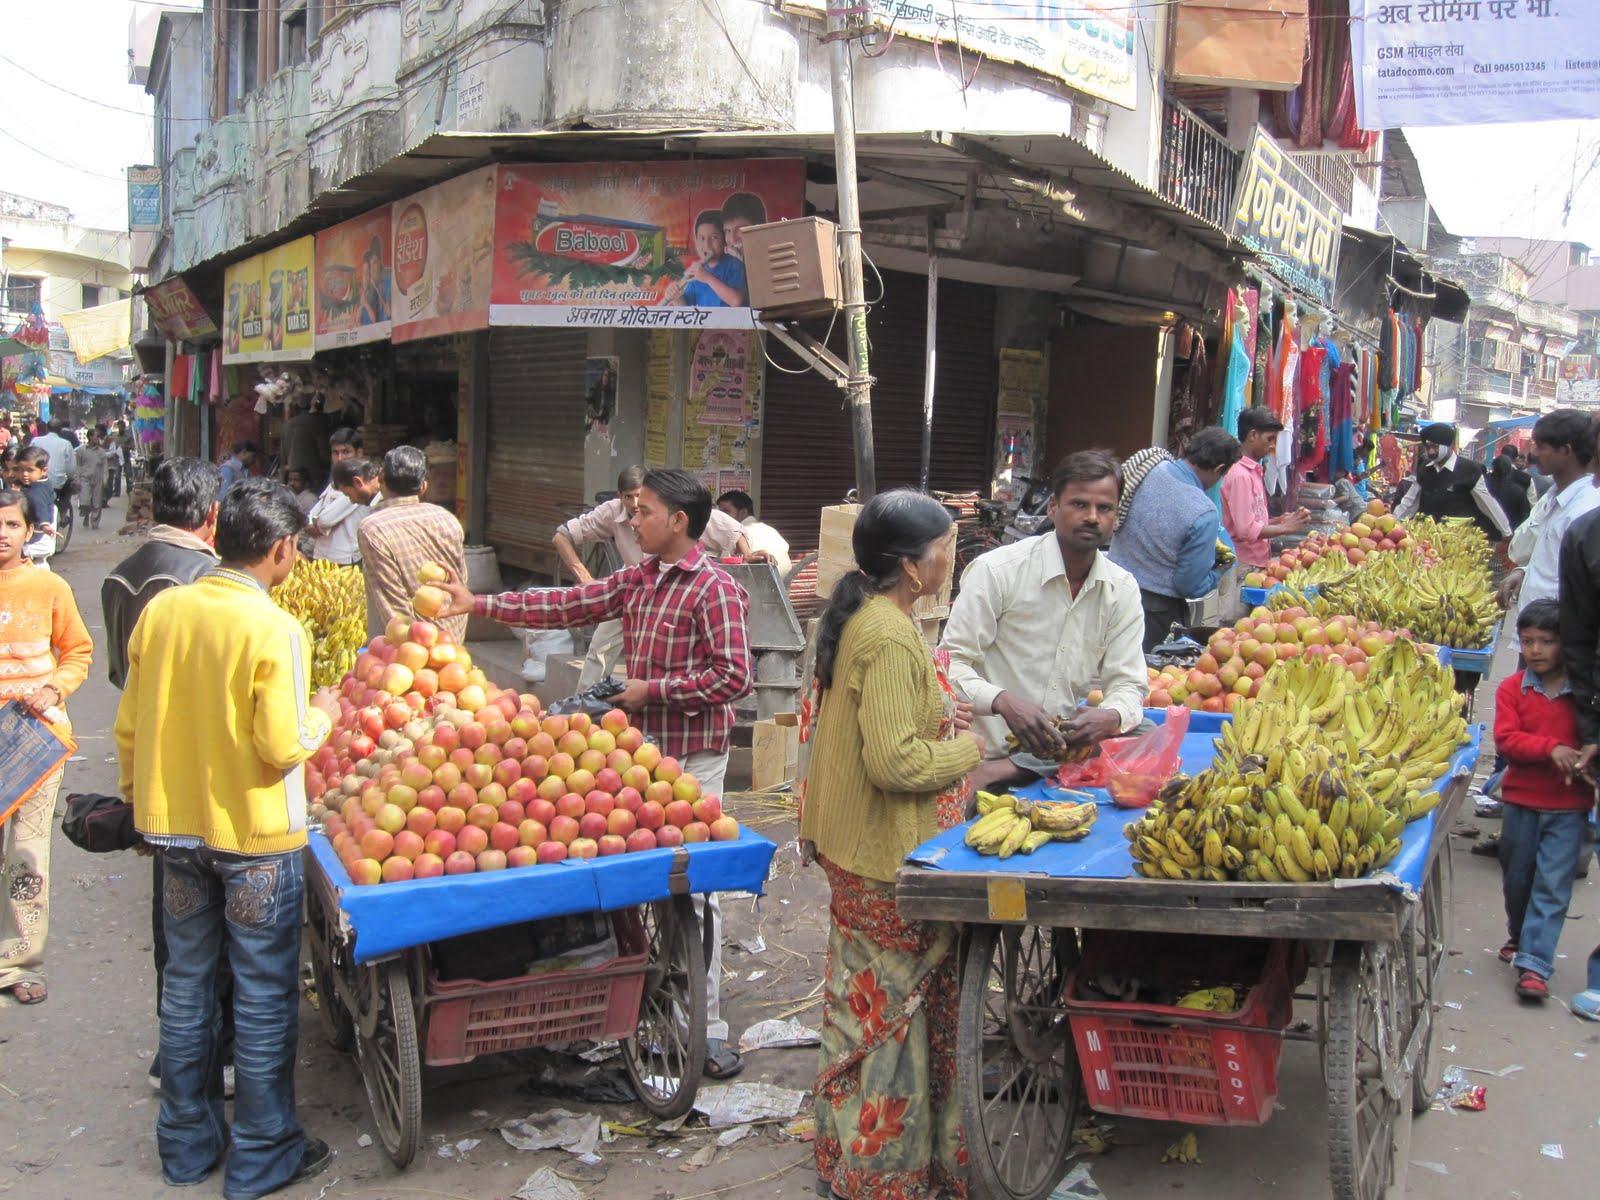 descriptive essay busy market place